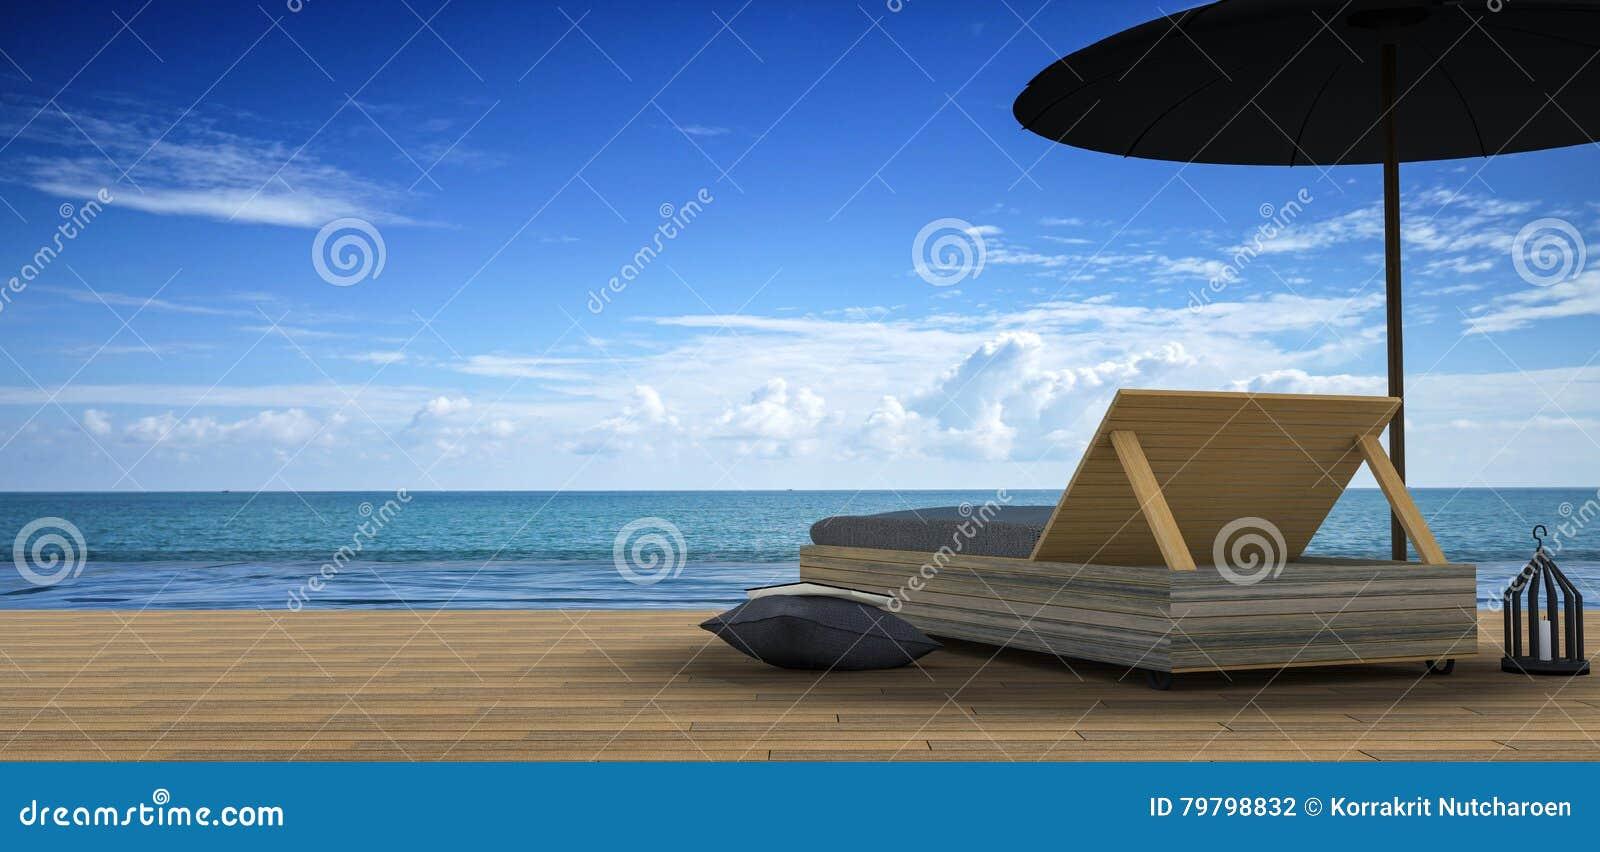 Het 3D Teruggeven: illustratie van Strandzitkamer - de Overzeese mening van Sundeck en voor vakantie en de zomer op bruine houten